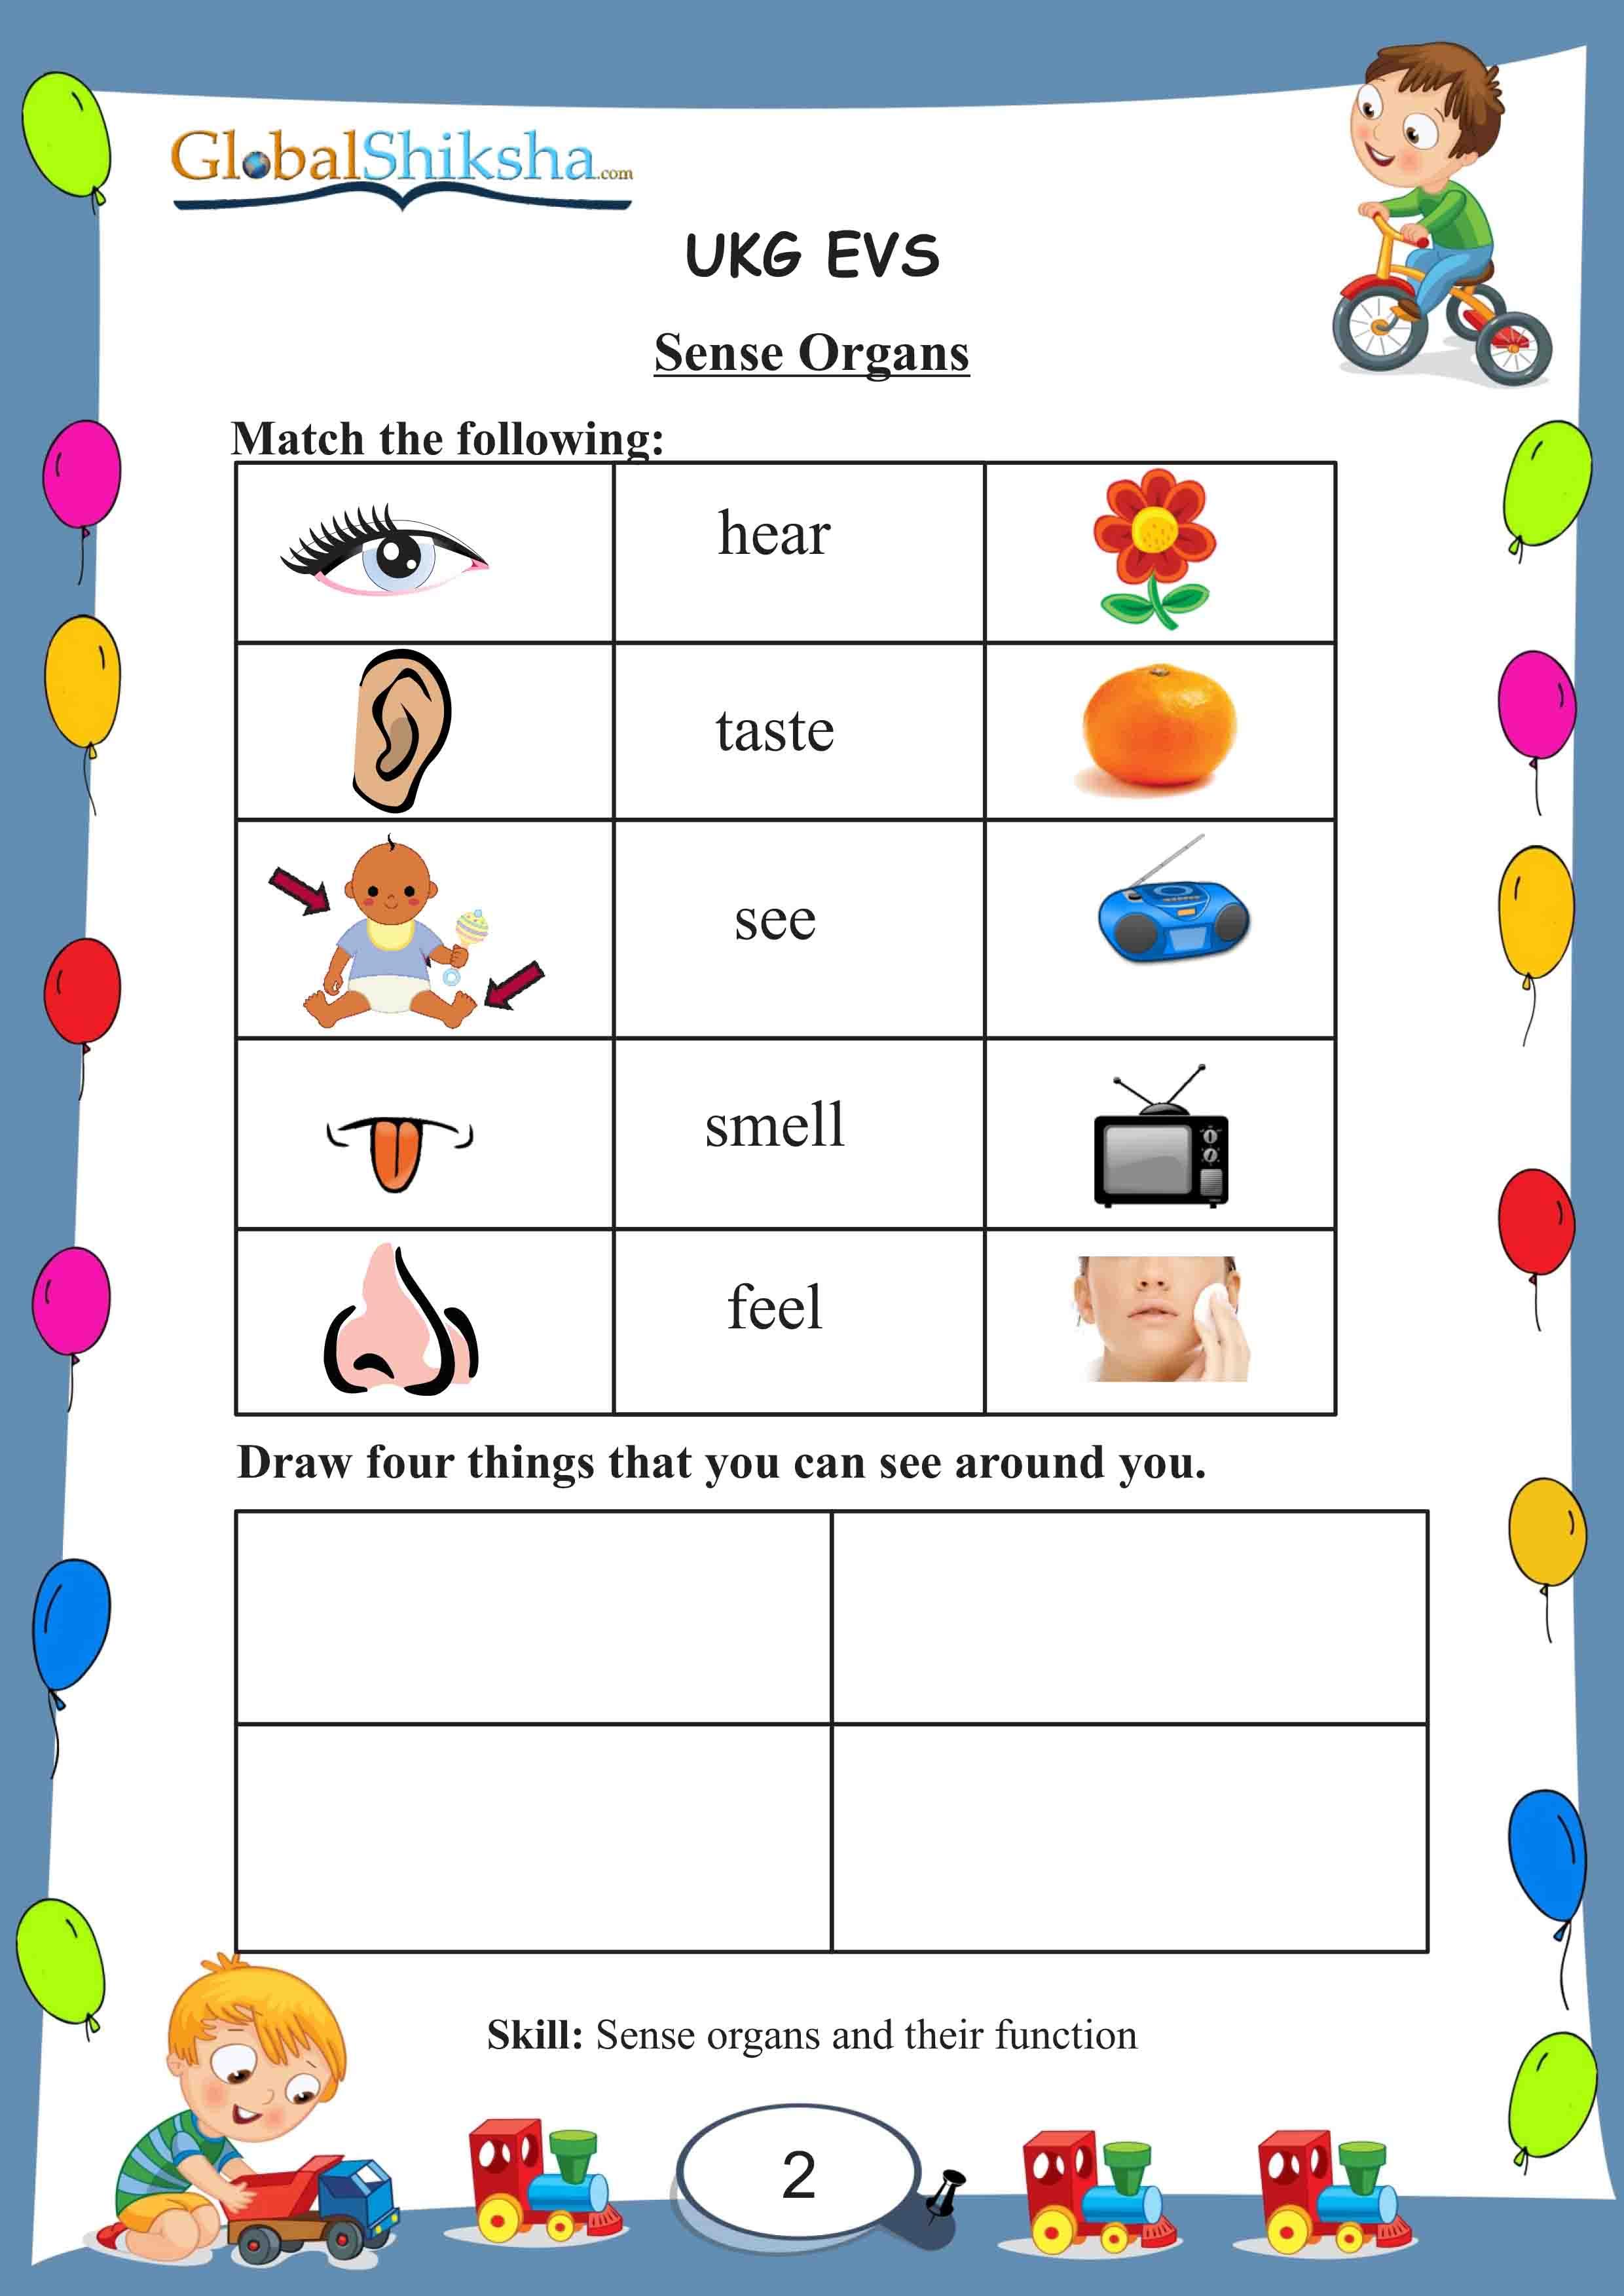 Worksheet For Class Ukg Cbse